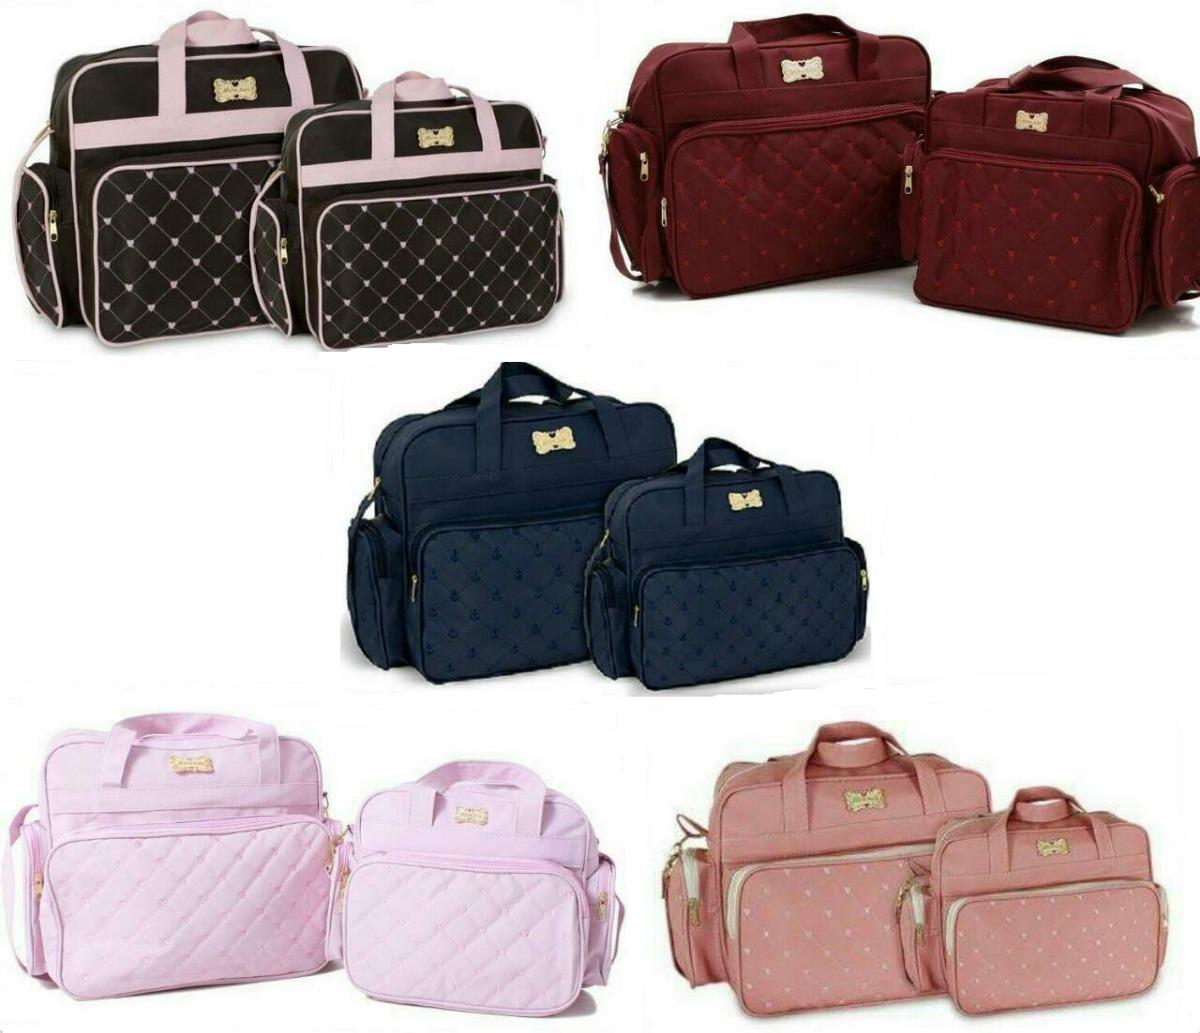 a38487e583 kit bolsas maternidade charme m baby 5 cores oferta só hoje. Carregando zoom .